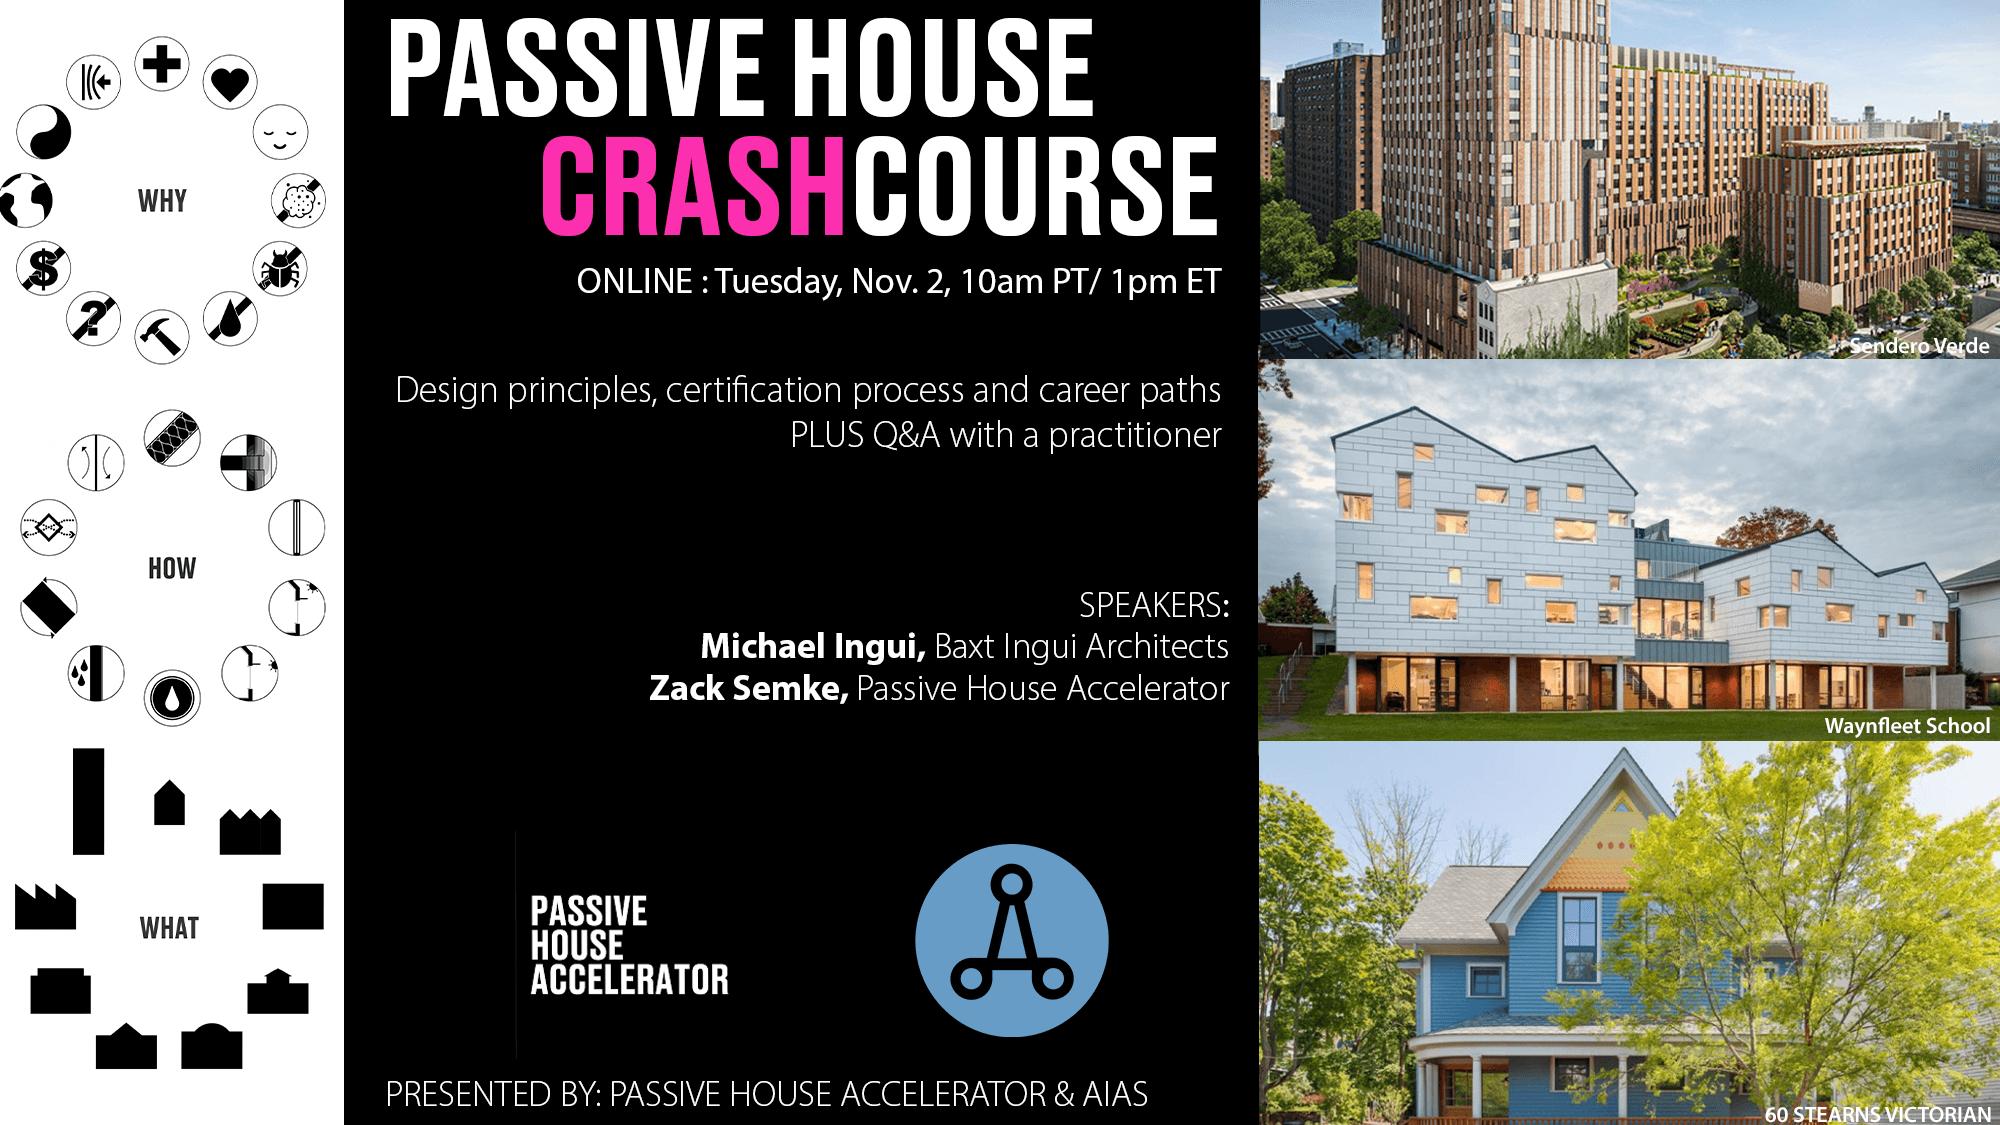 Passive House Crash Course